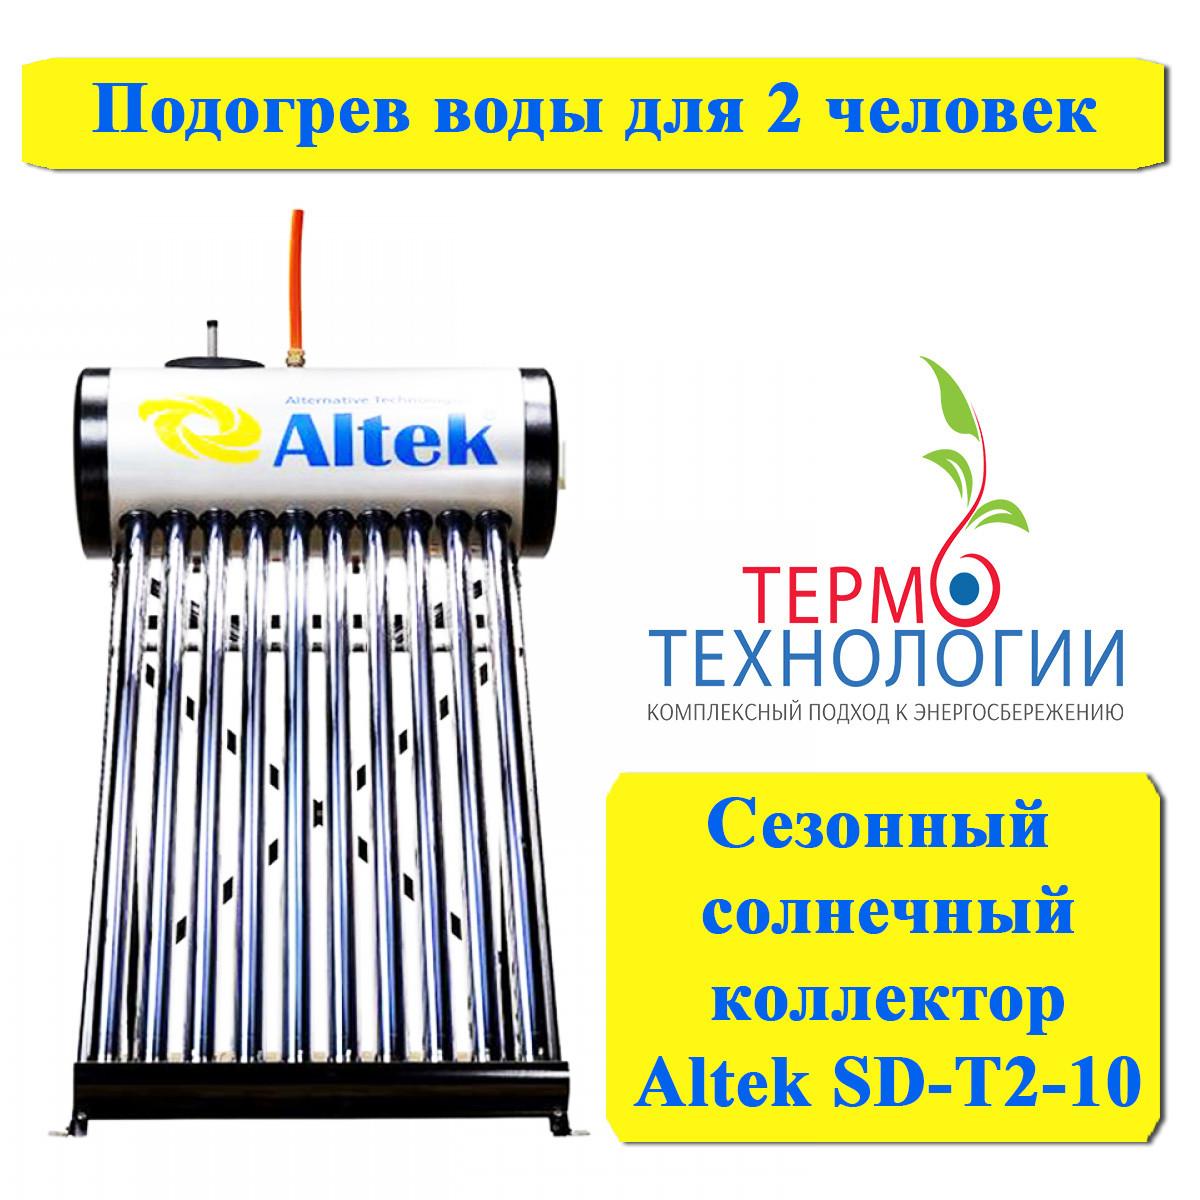 Сезонный солнечный коллектор Altek SD-T2-10 ГВС на 2 человека